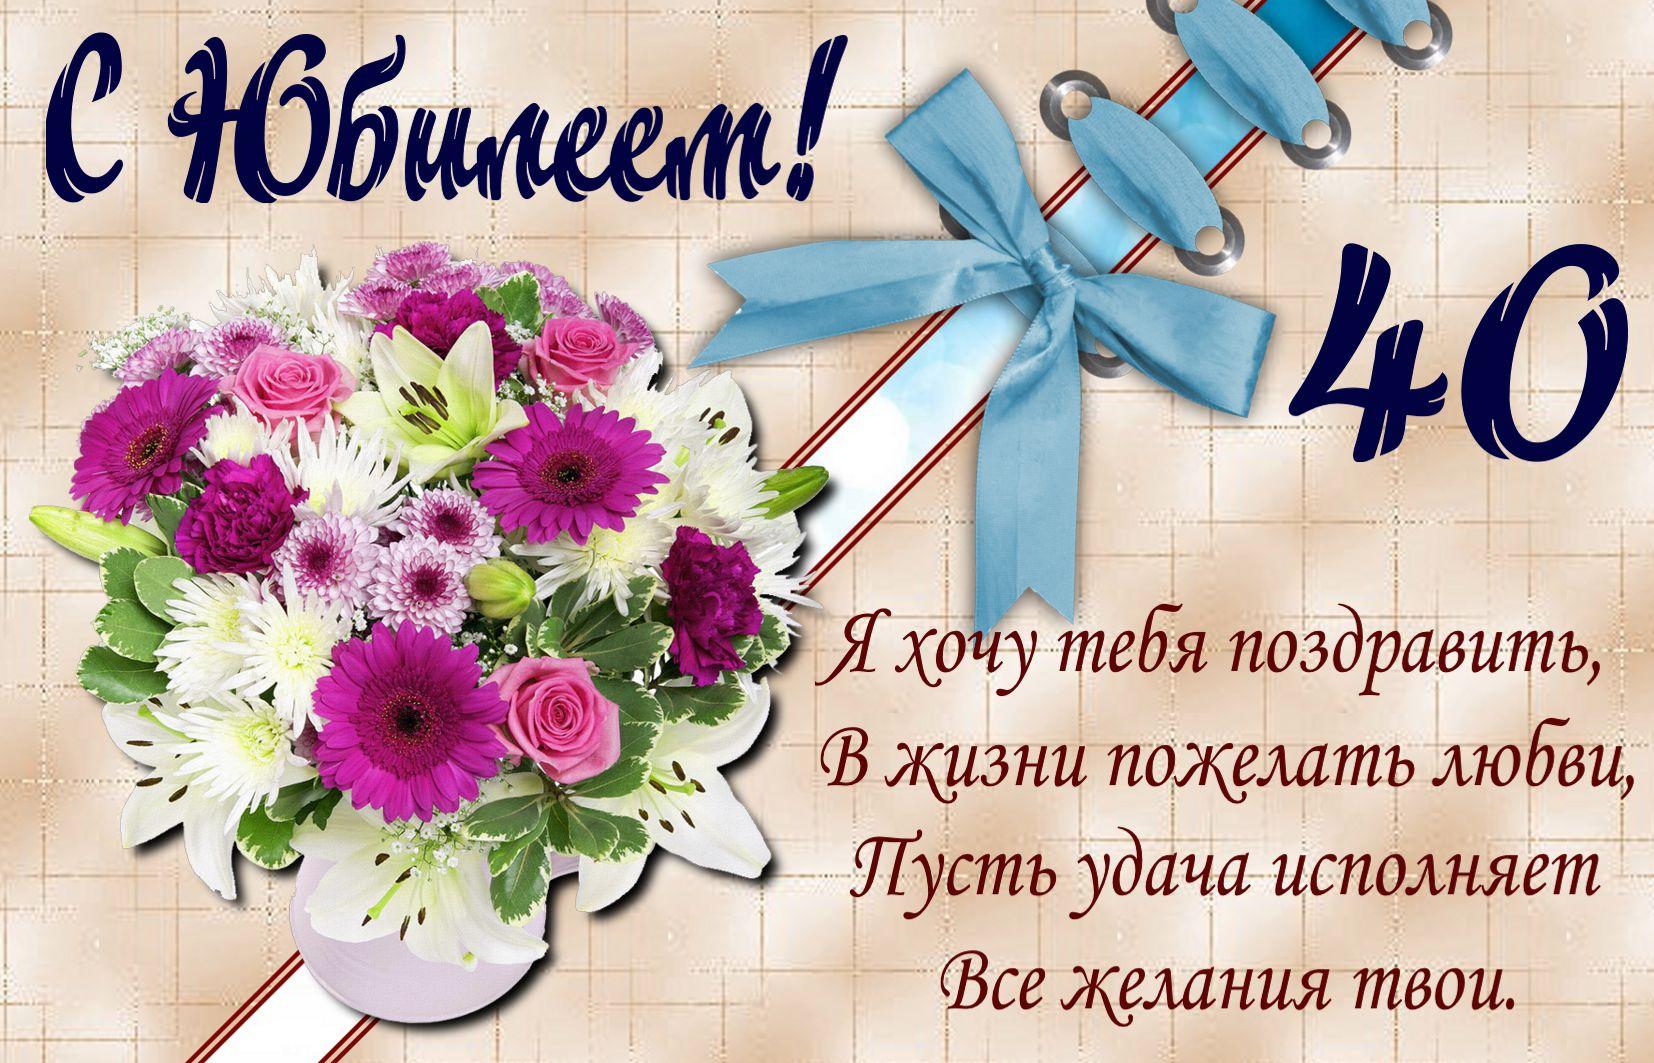 Открытка на юбилей 40 лет - голубая ленточка и букет цветов в вазе